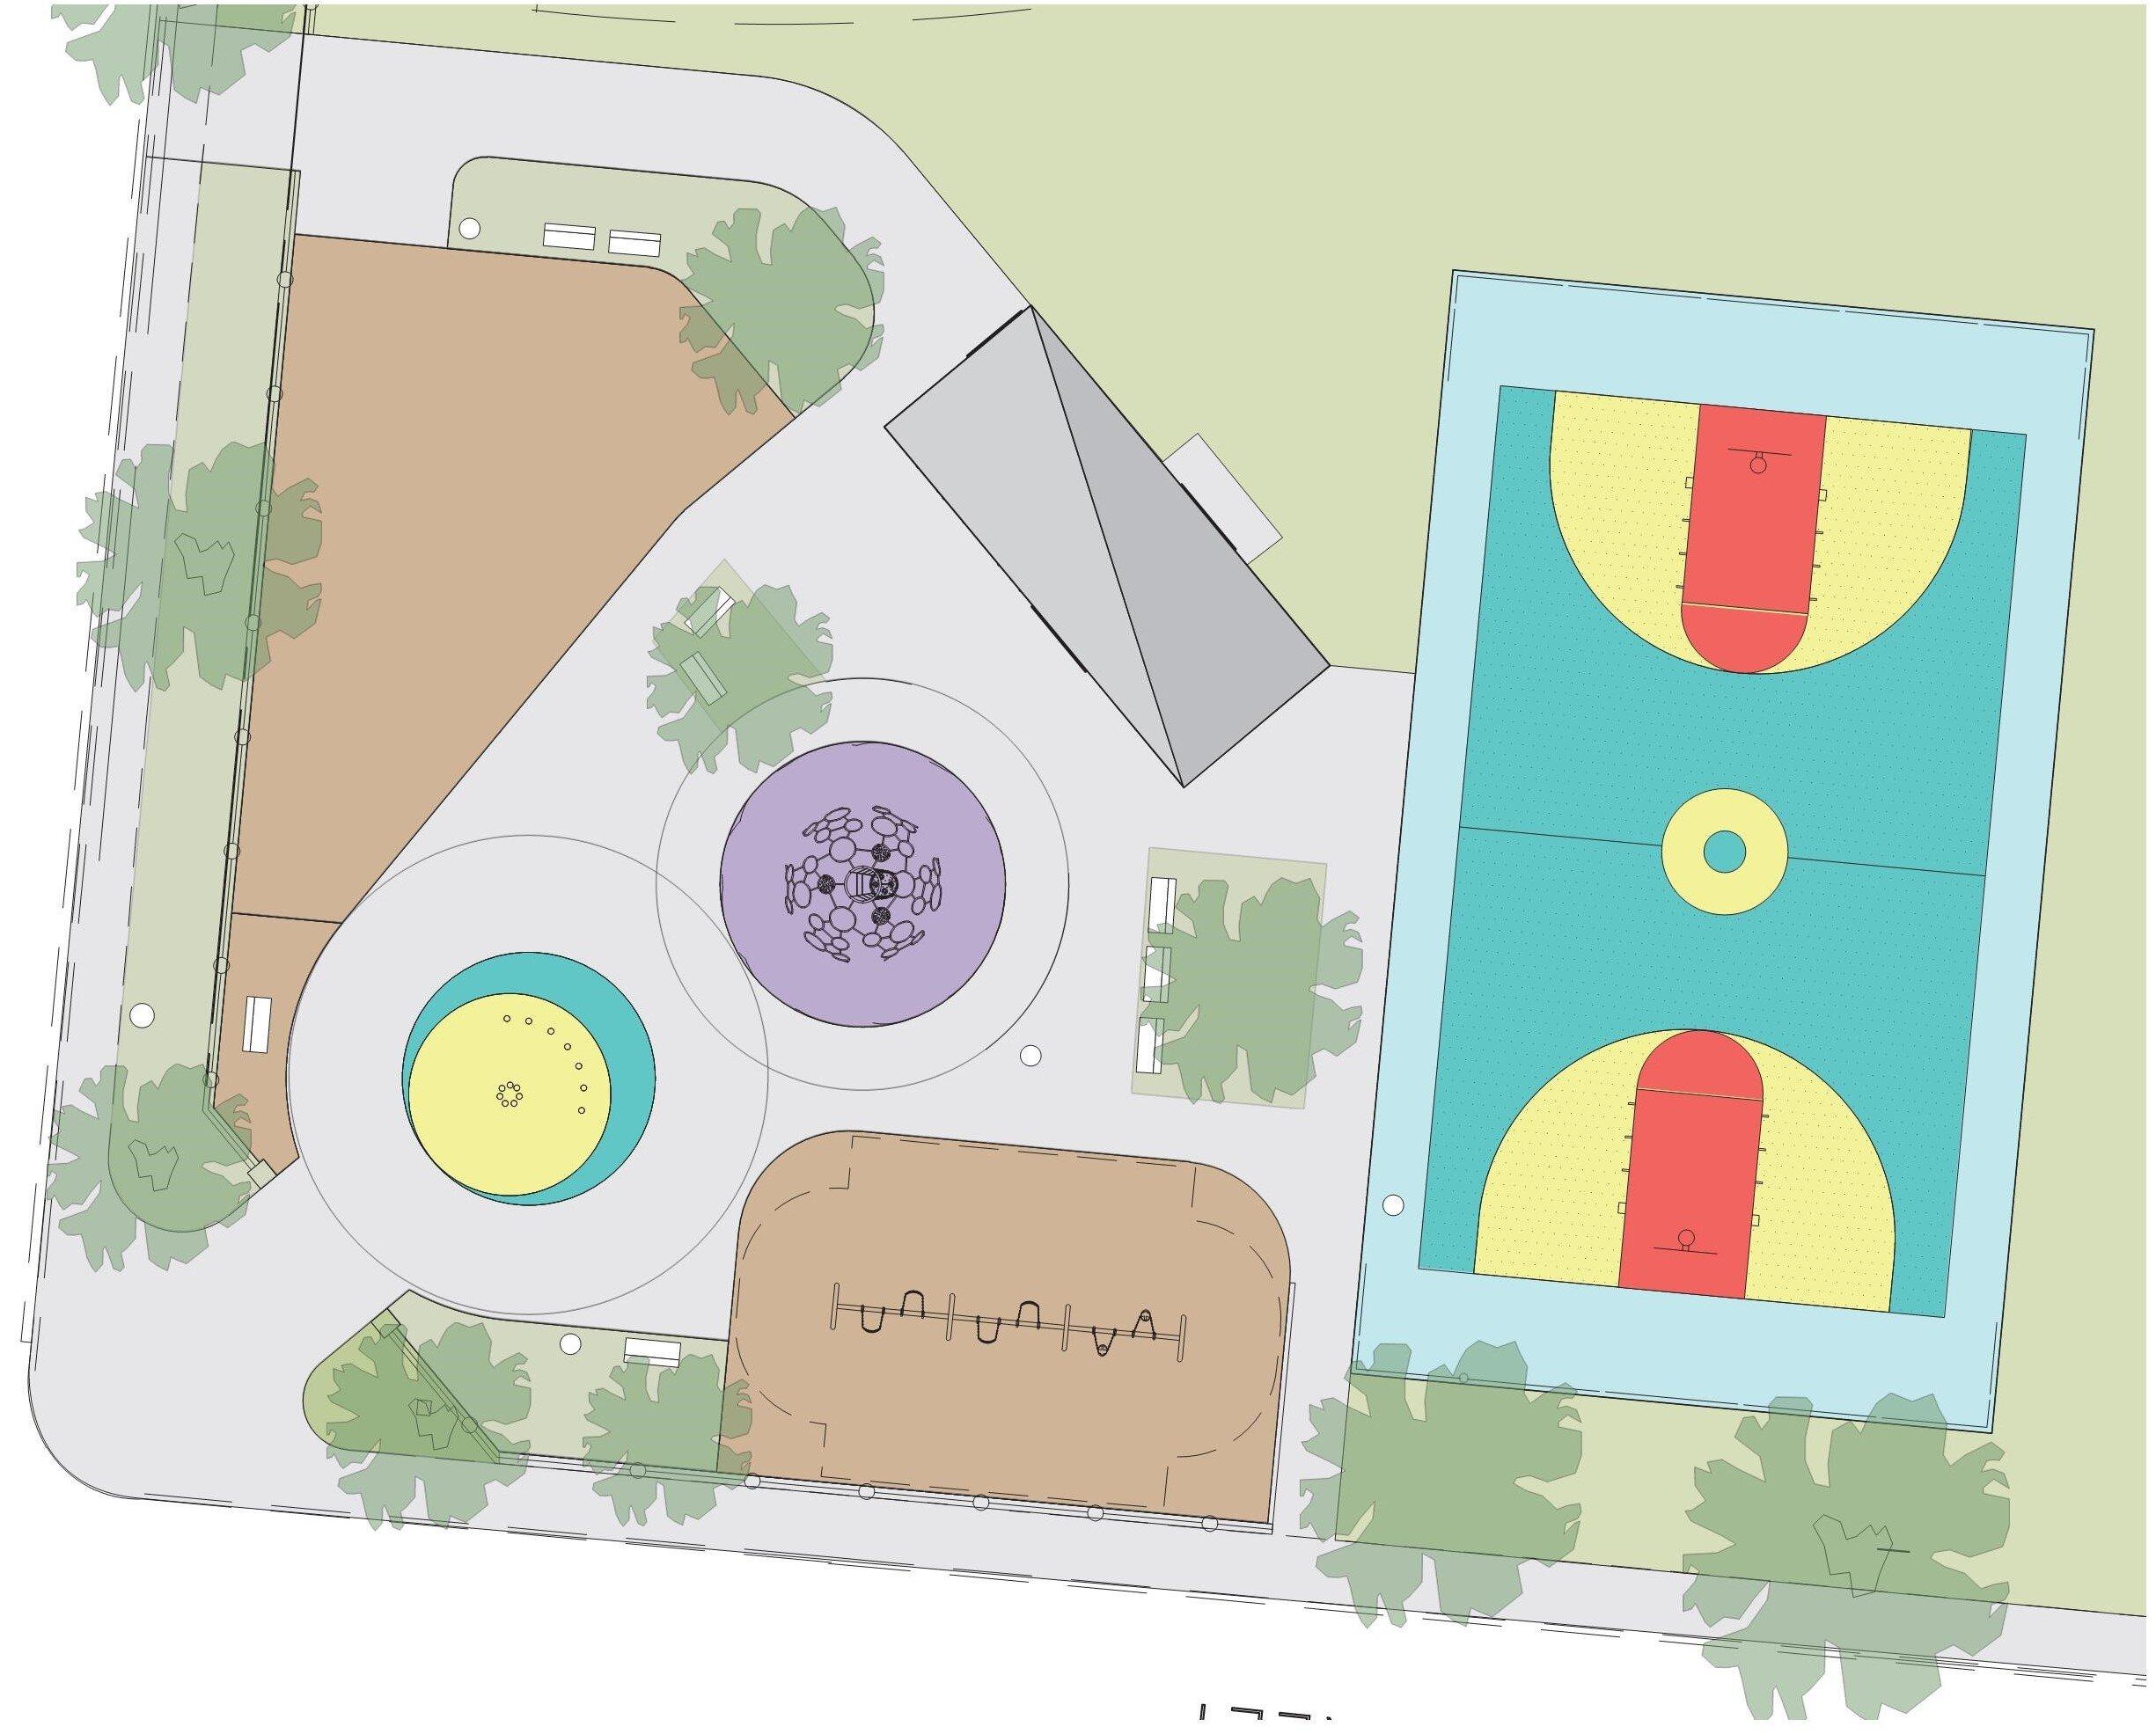 BCRP ABC Catherine Park Site Plan